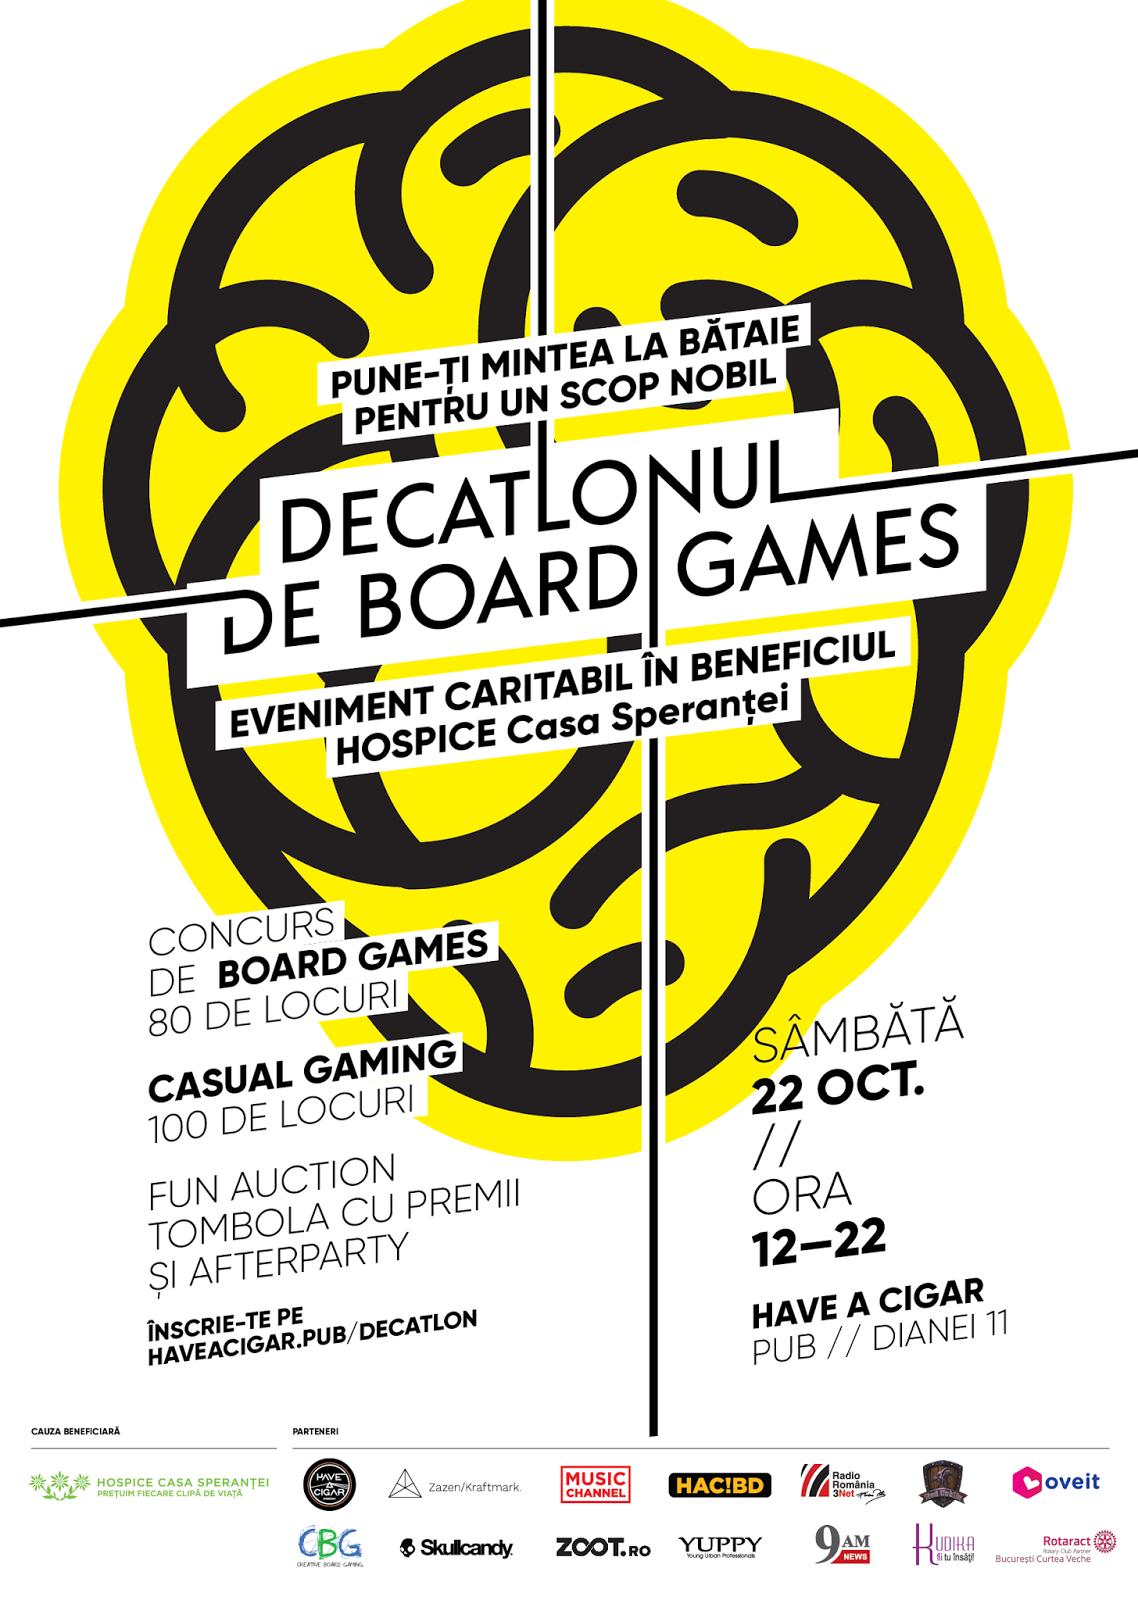 Decatlon de board games, organizat pentru copiii de la centrul Hospice Casa Sperantei - Mirros PR - Silviu Pal Blog